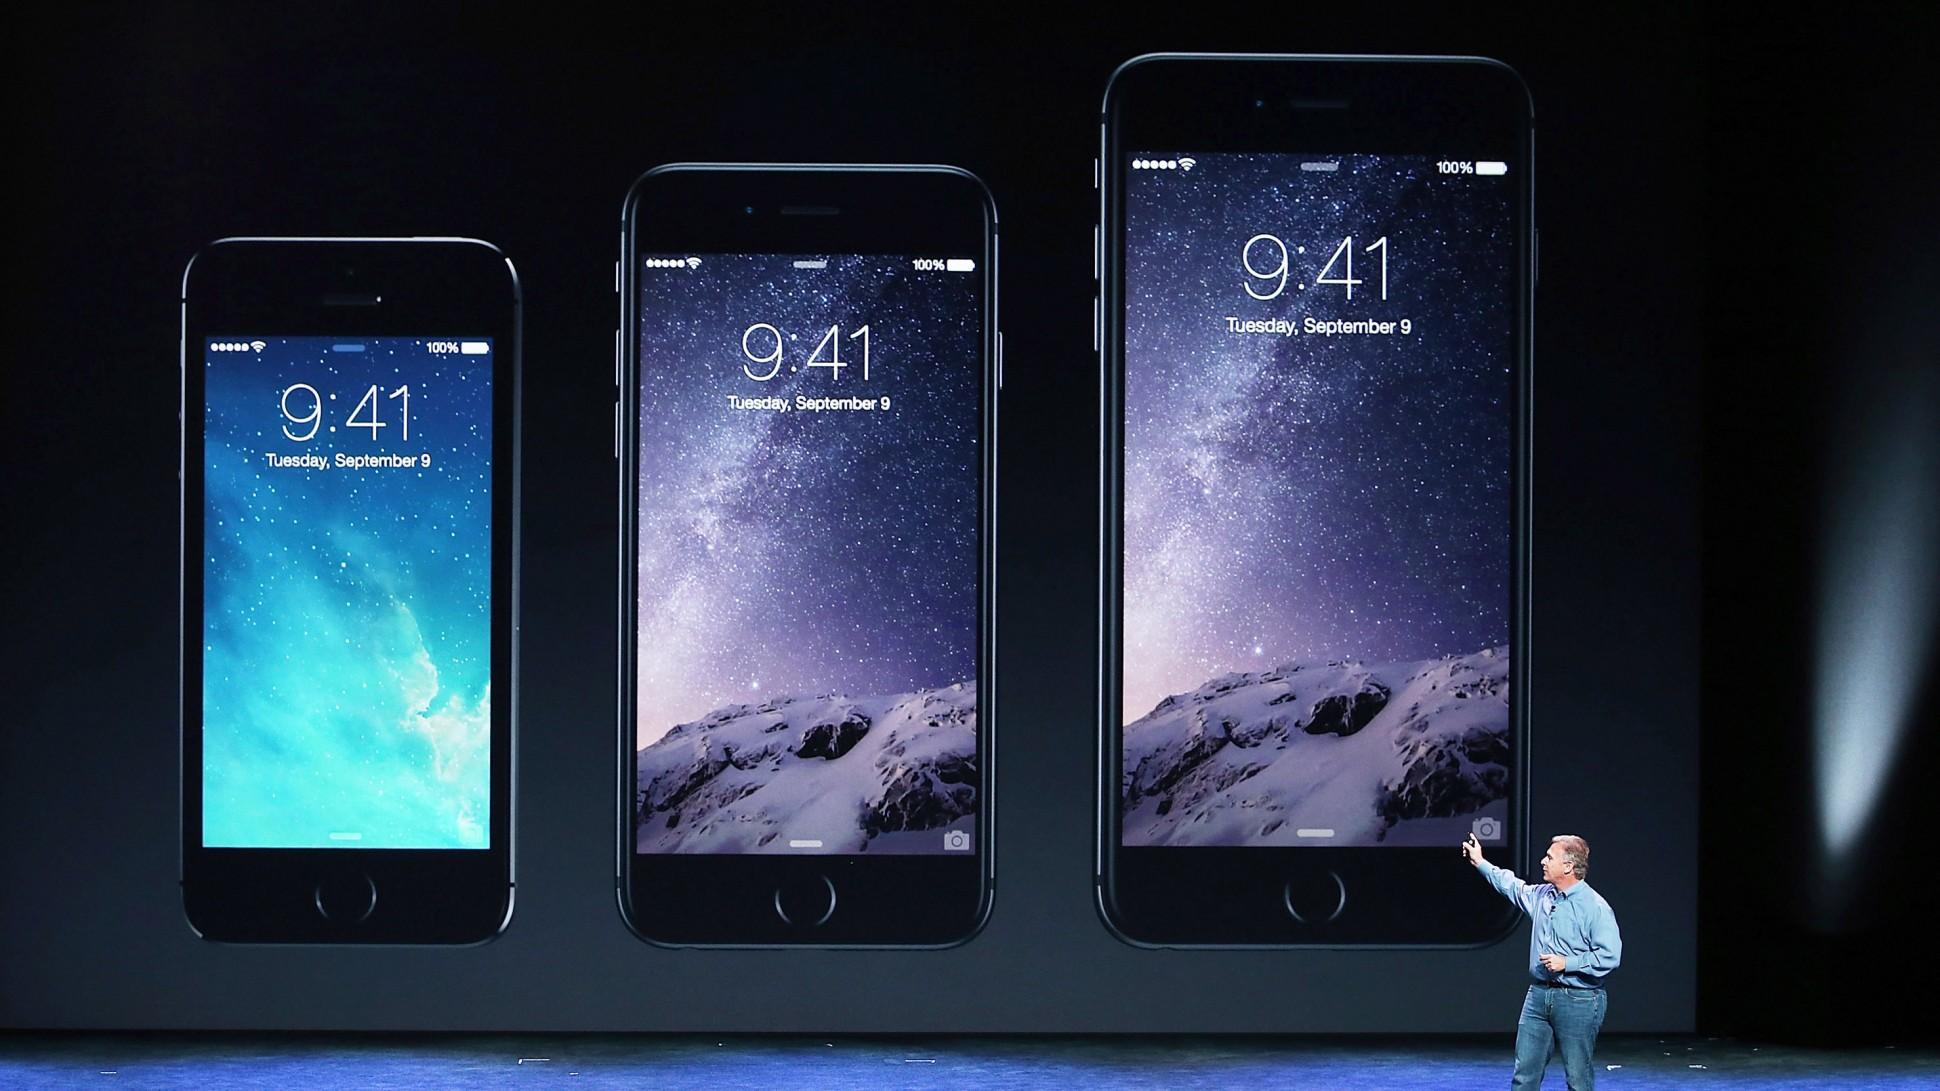 iphone 16gb - Apple sẽ loại phiên bản iPhone 16GB kể từ thế hệ tới